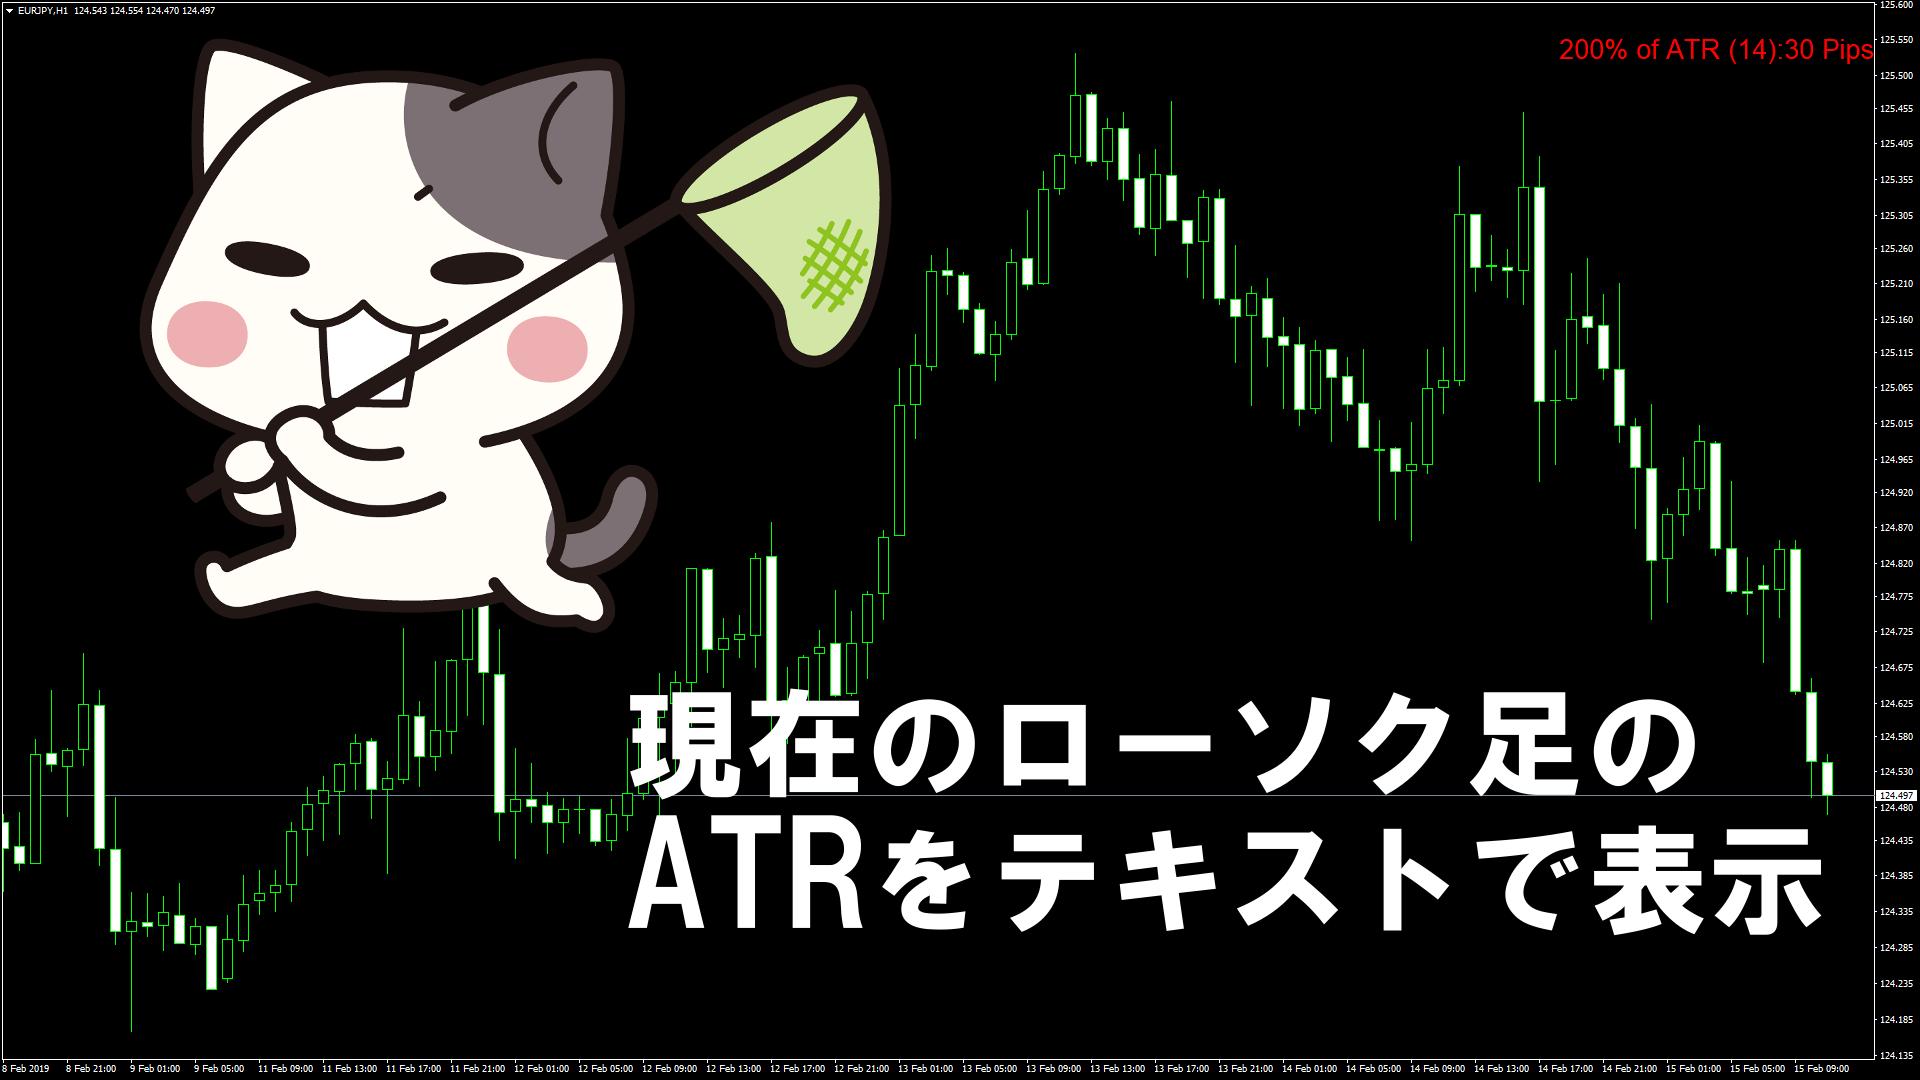 現在のローソク足のATRをテキストで表示するMT4インジケーター『atr_value_indicator』